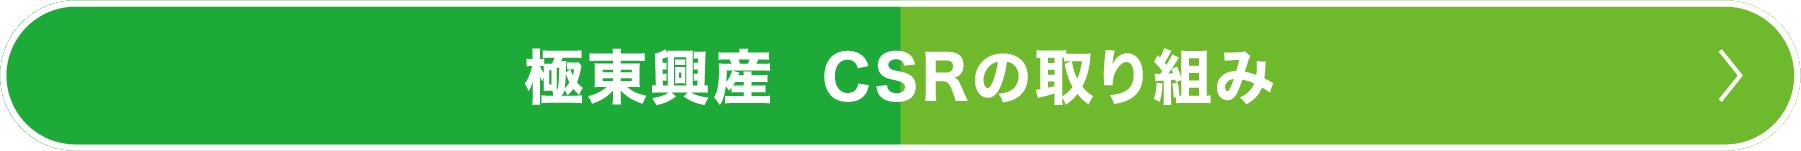 極東興産 CSRの取り組み